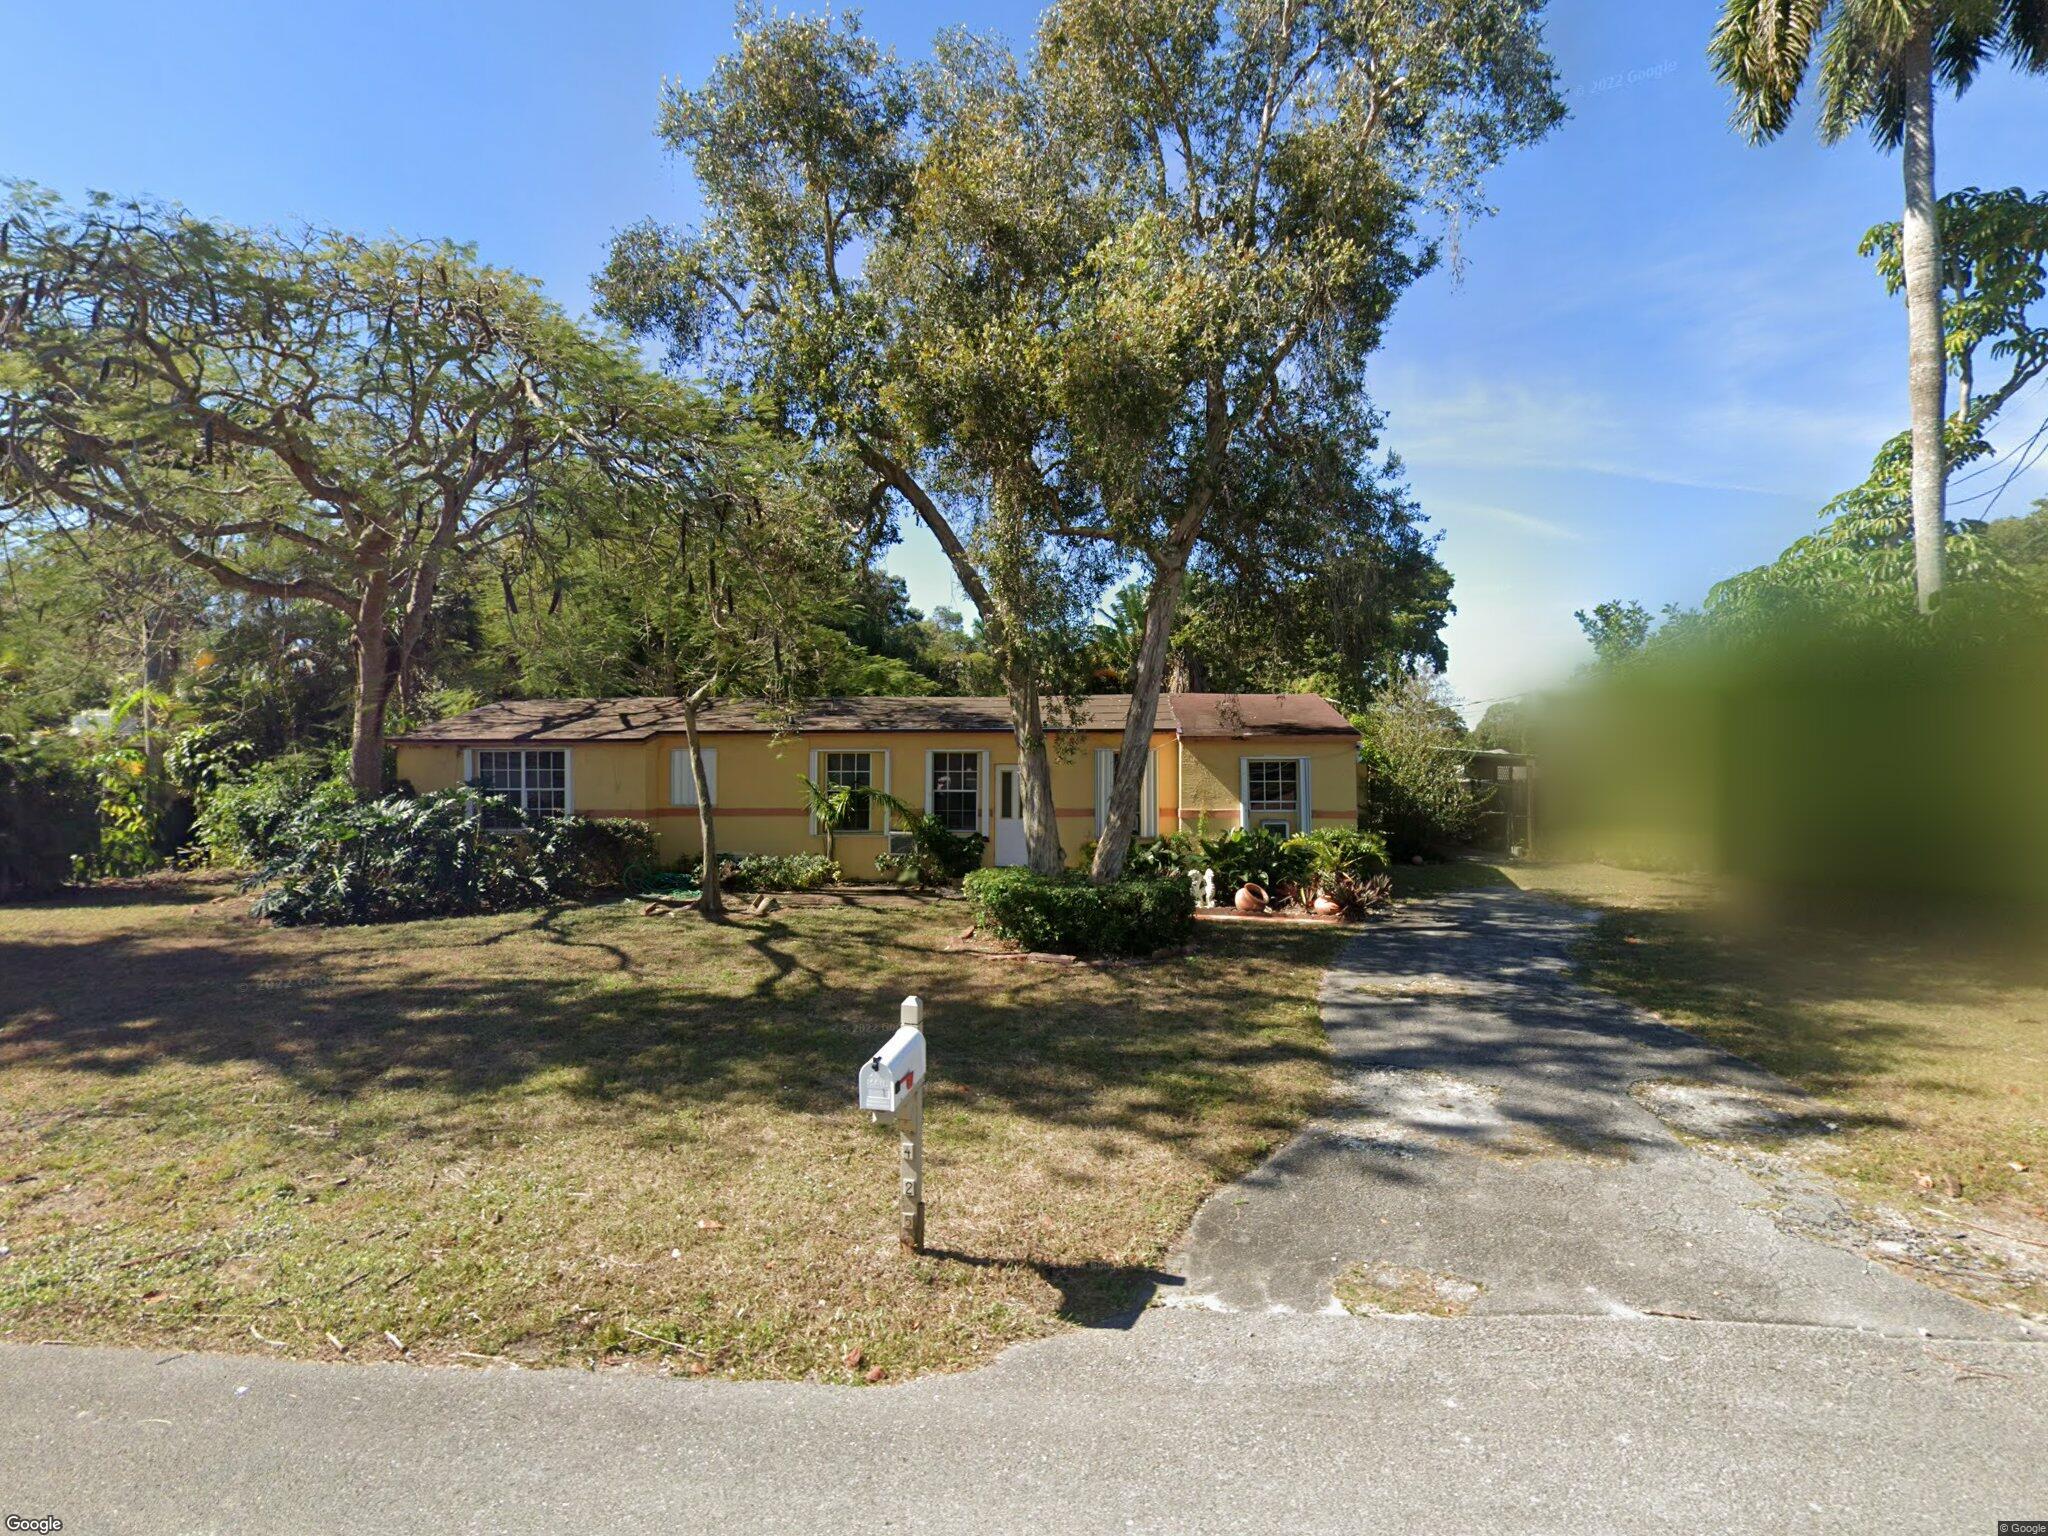 425 Bayberry Dr, Plantation, FL 33317 | Trulia